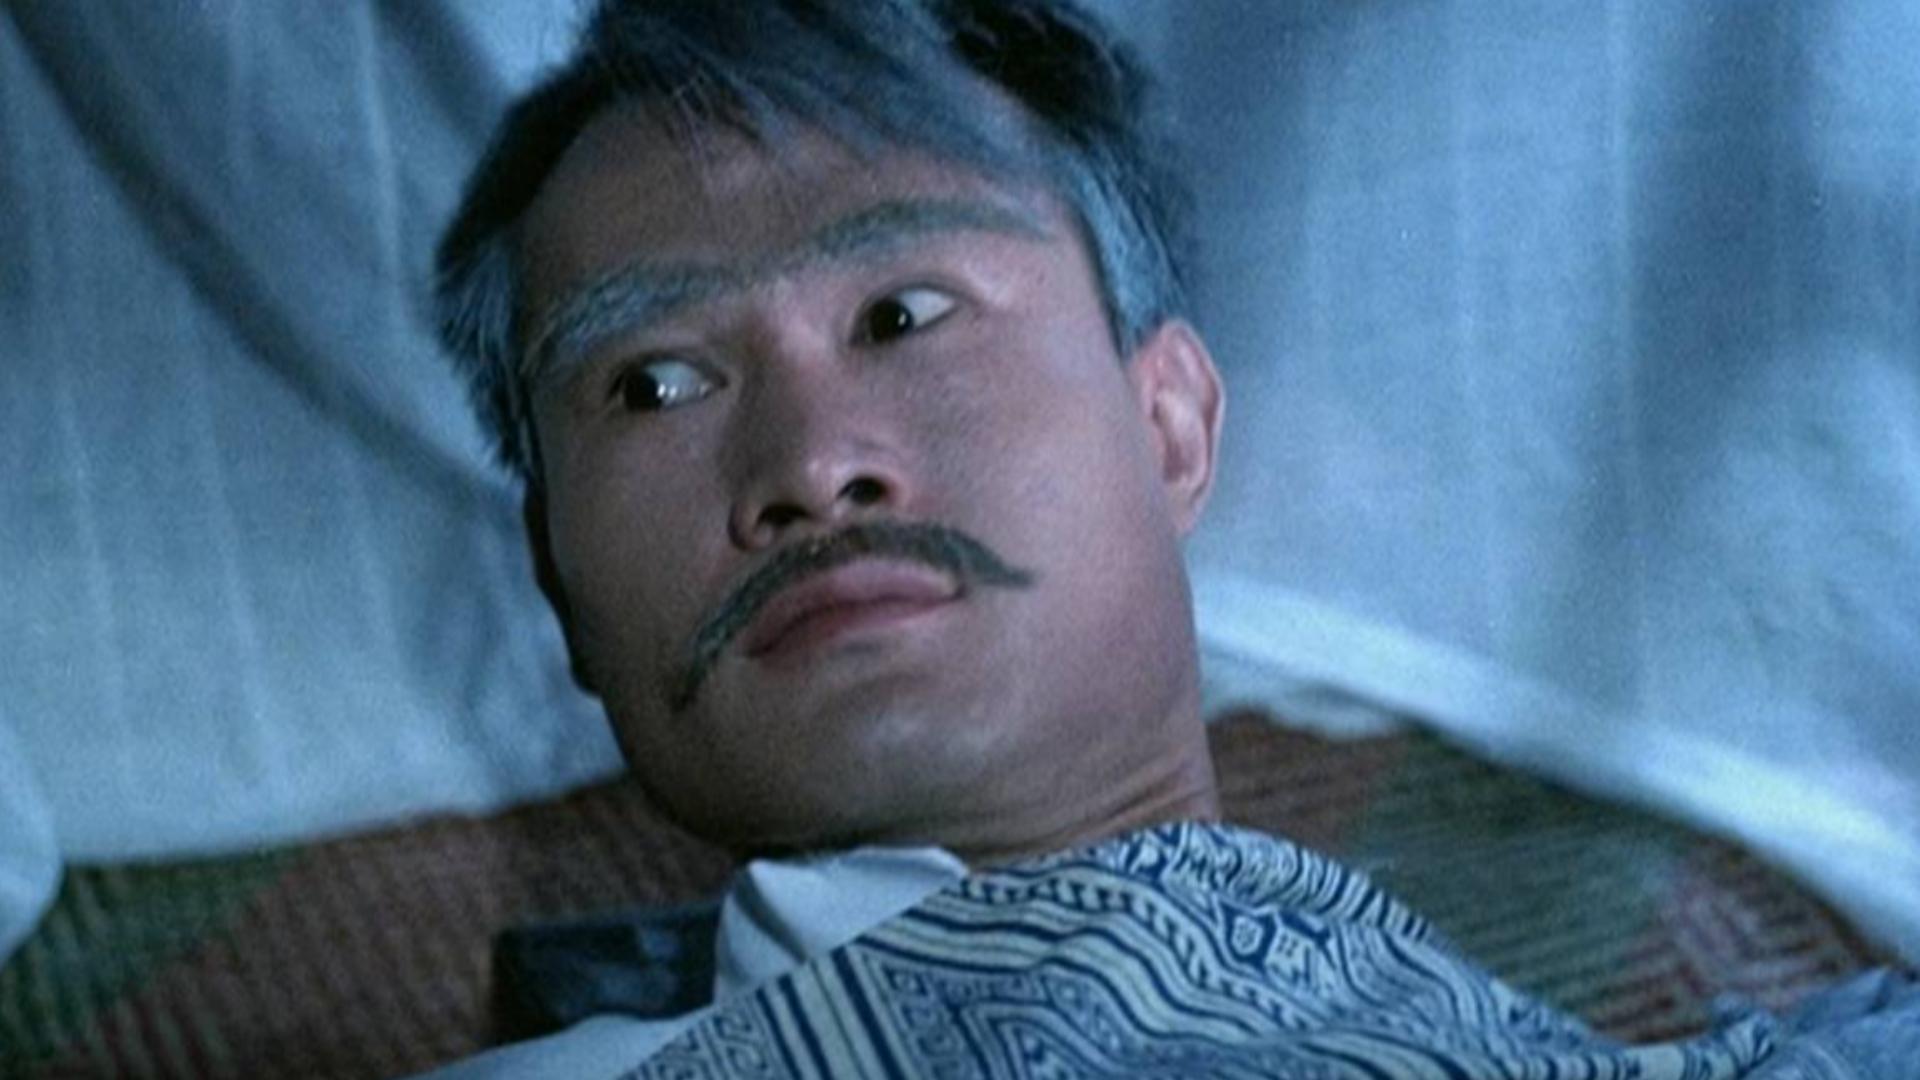 《僵尸先生》原著小说,文才和秋生忘恩负义,九叔结局很悲凉